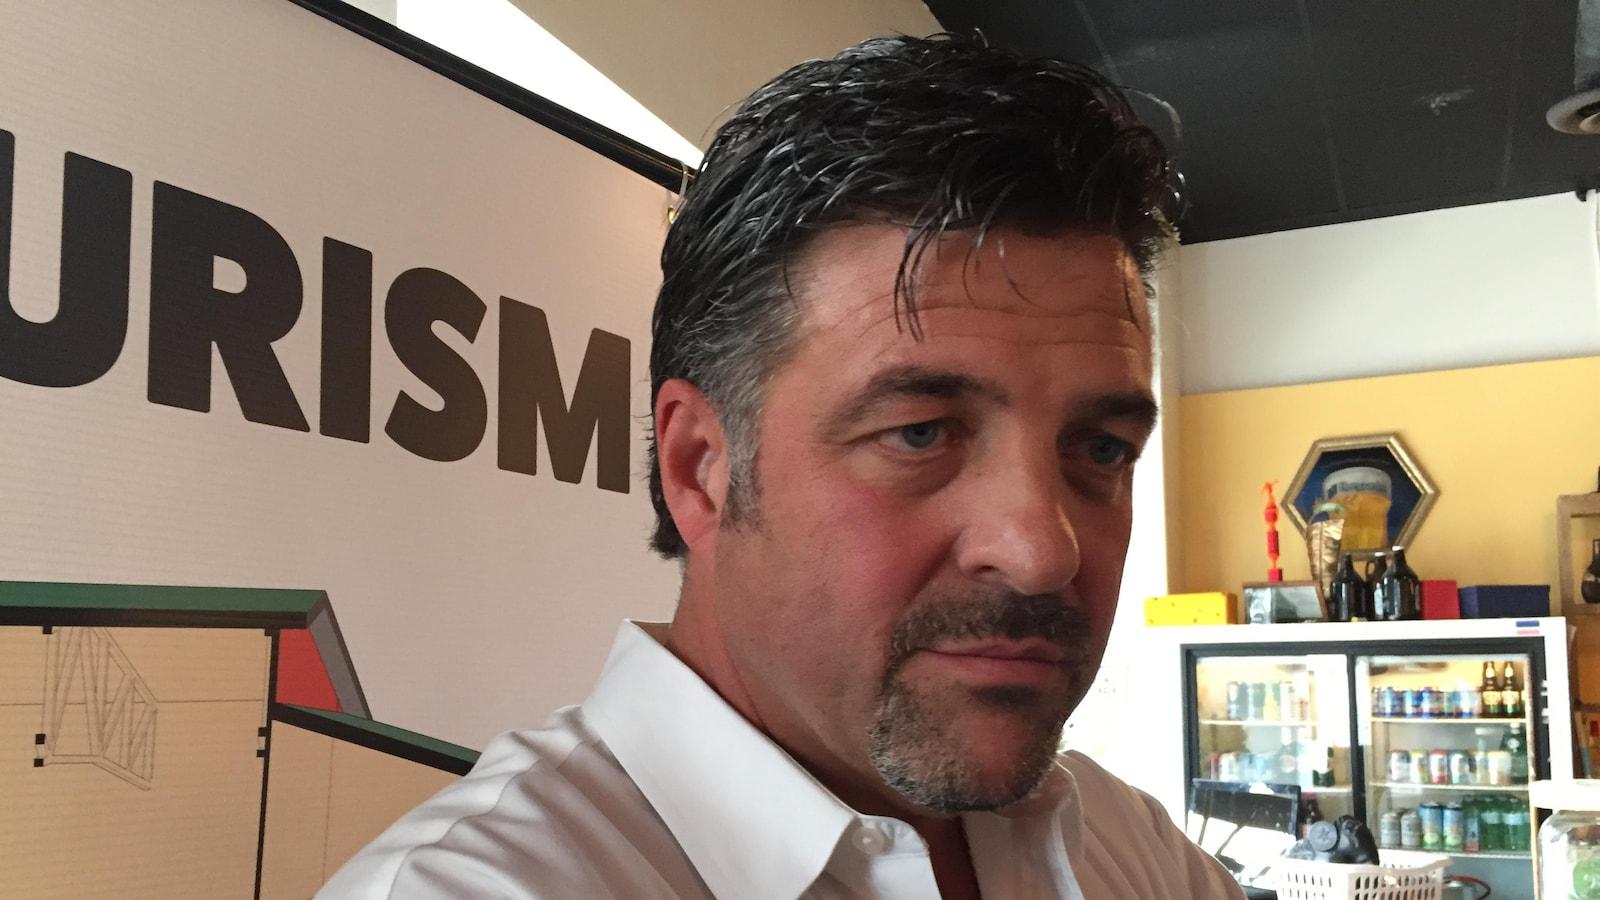 Le promoteur Dario Zulich qui propose un mégacomplexe de divertissement et de sports sur le chemin Kingsway dans le Grand Sudbury.